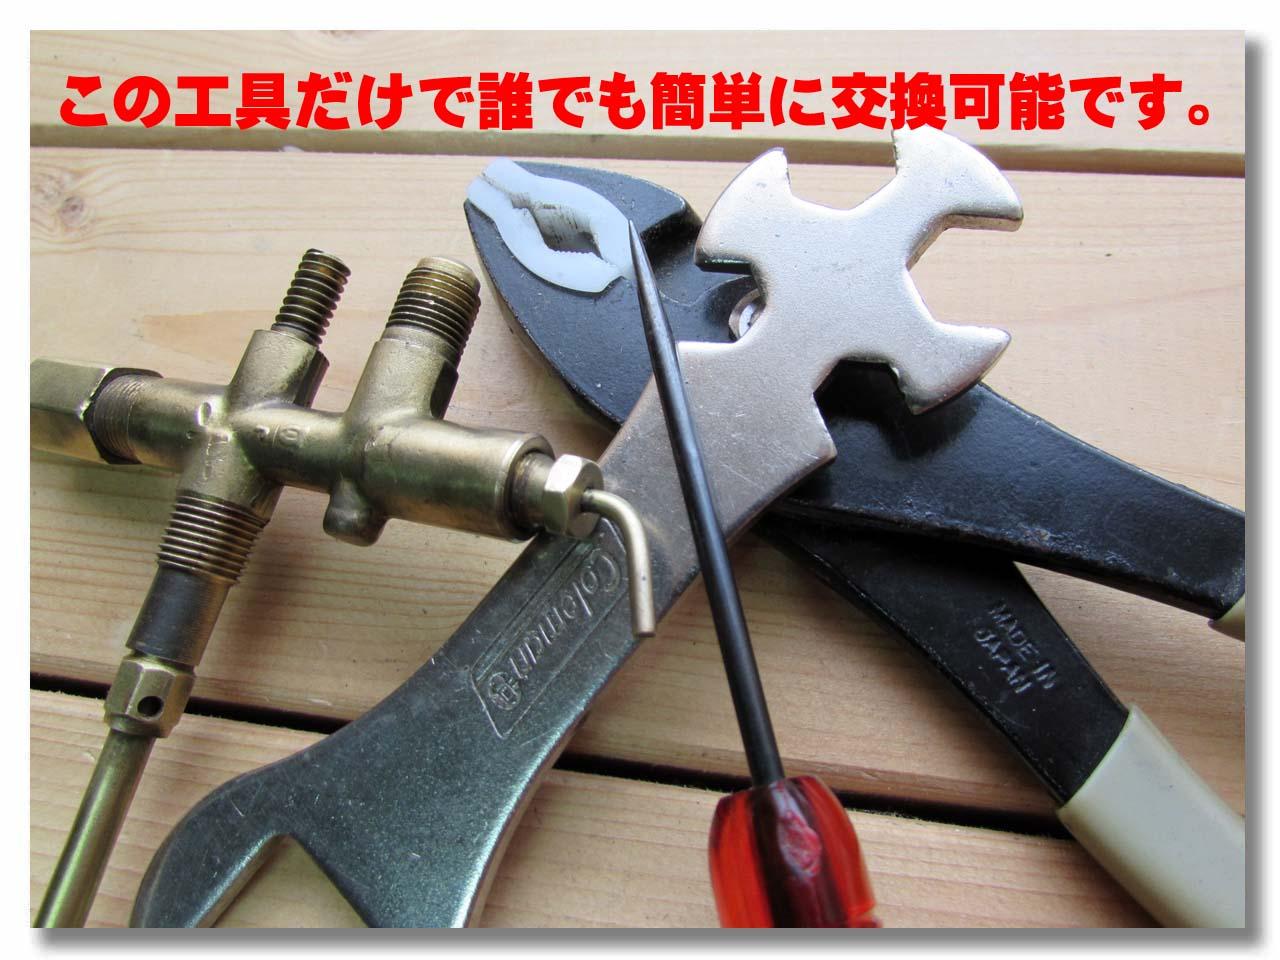 この工具だけで誰でも簡単に交換可能です。